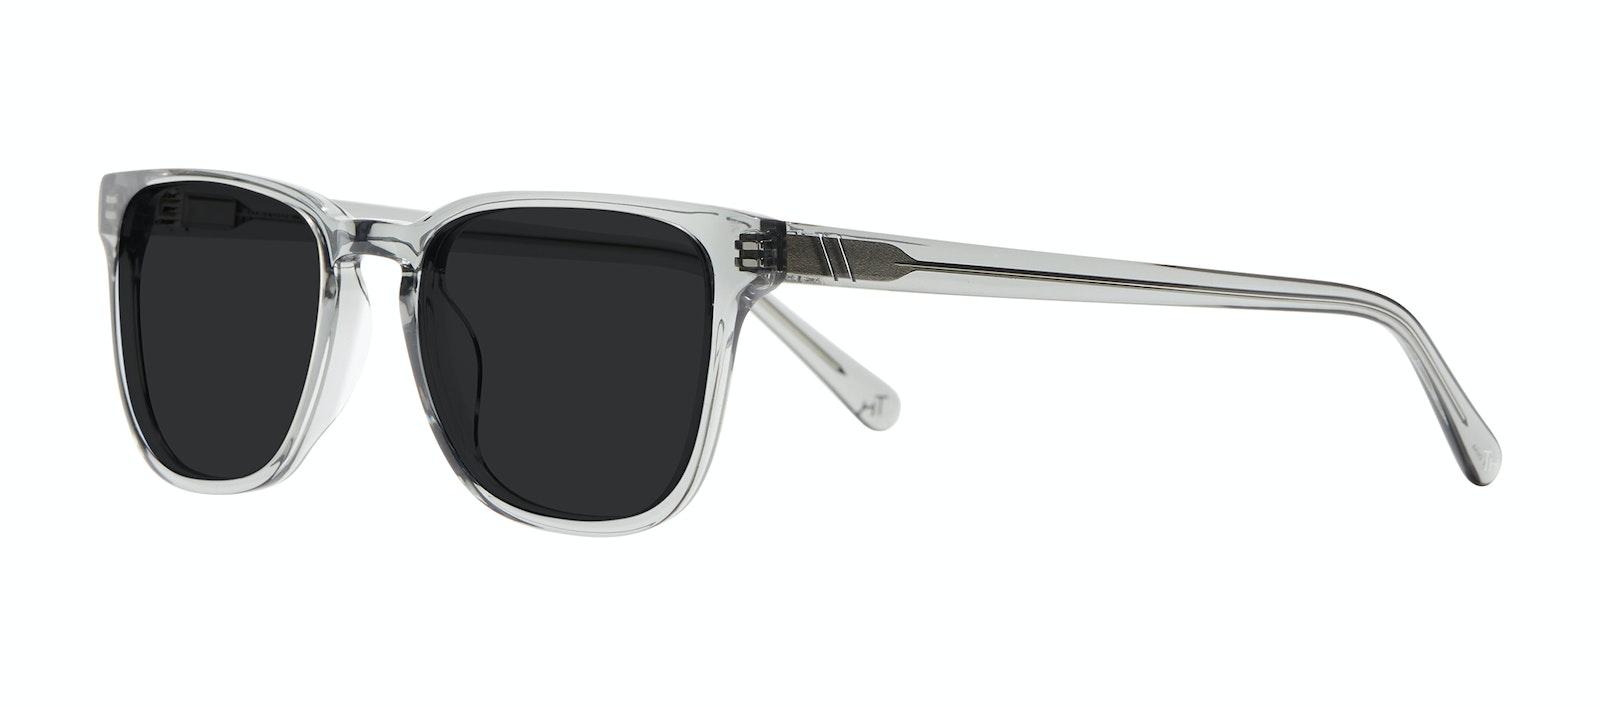 Affordable Fashion Glasses Square Sunglasses Men Kim Storm Tilt